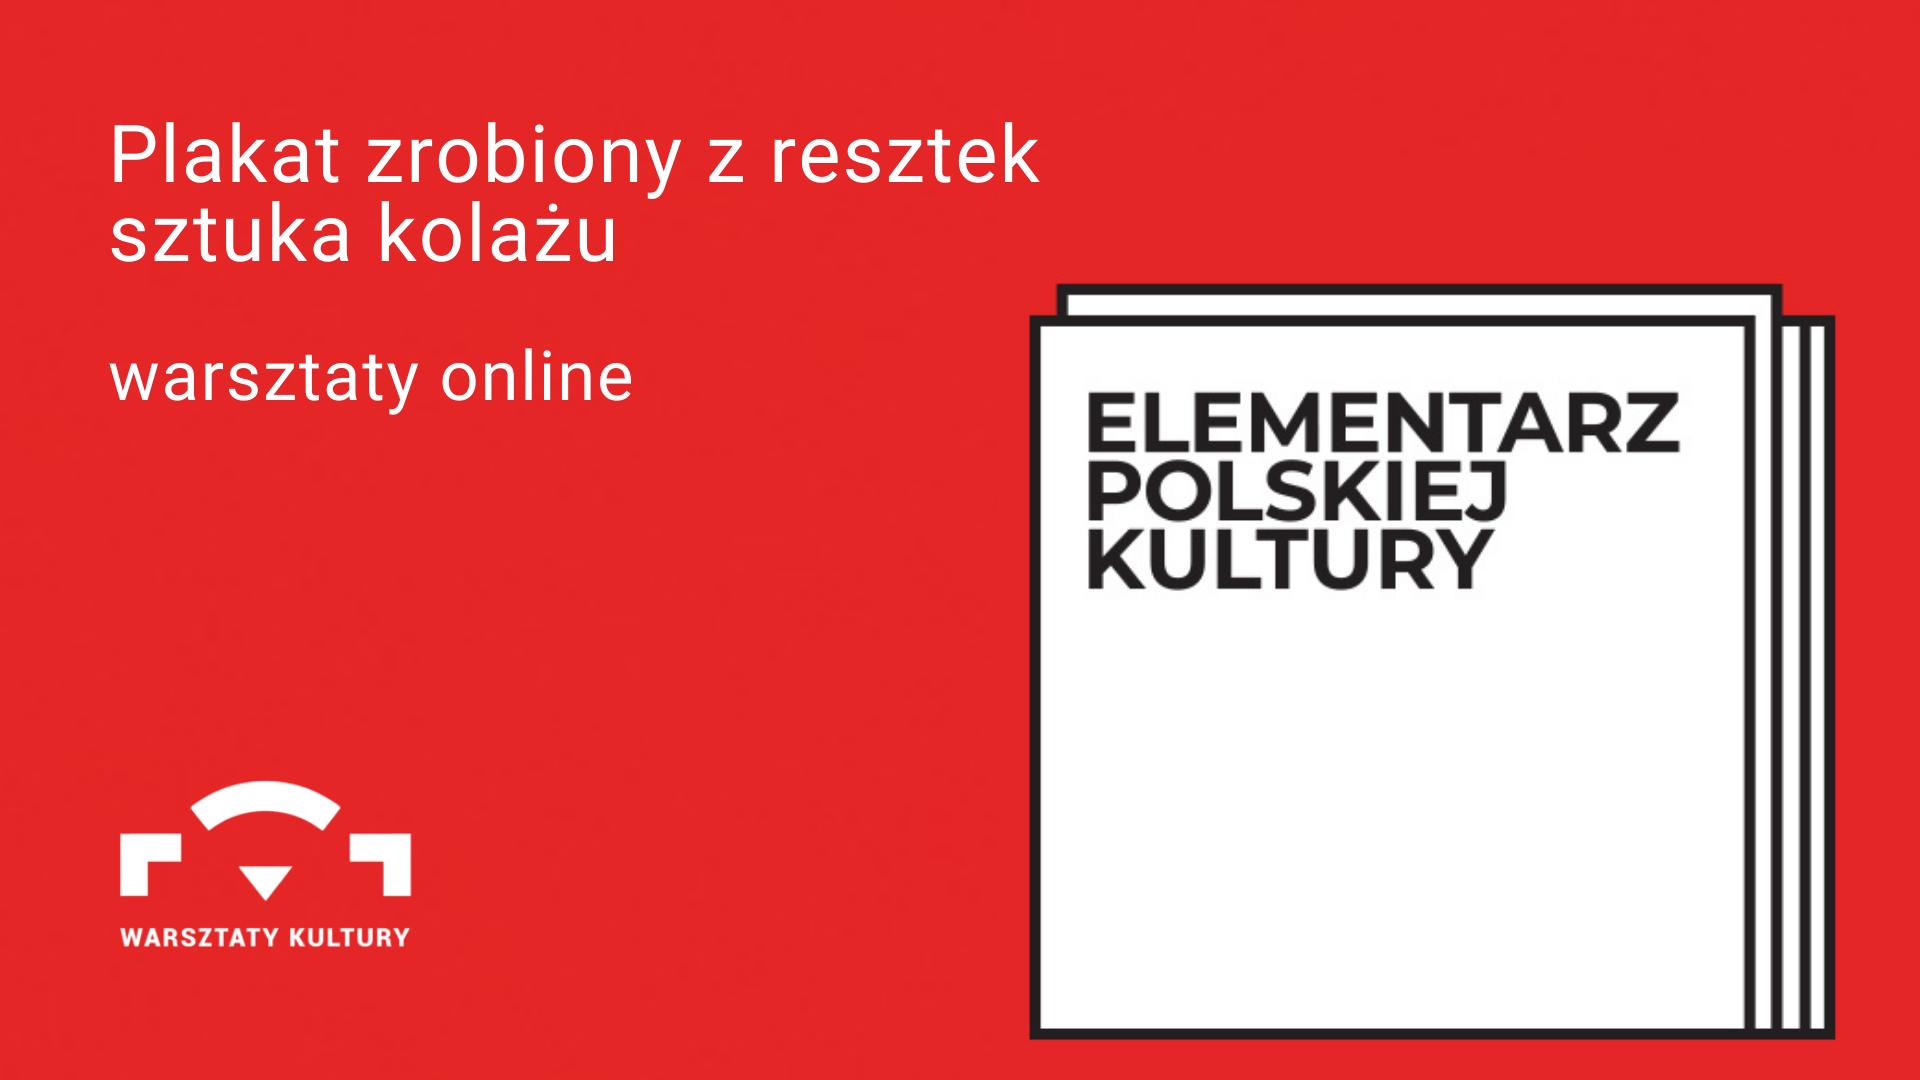 czerwone tło. z prawej strony 4 nałożone na siebie białe kwadraty z napisem Elementarz Polskiej Kultury. z lewej strony biały napis Plakat zrobiony z resztek sztuka kolażu warsztaty online. Poniżej logo Warsztatów Kultury